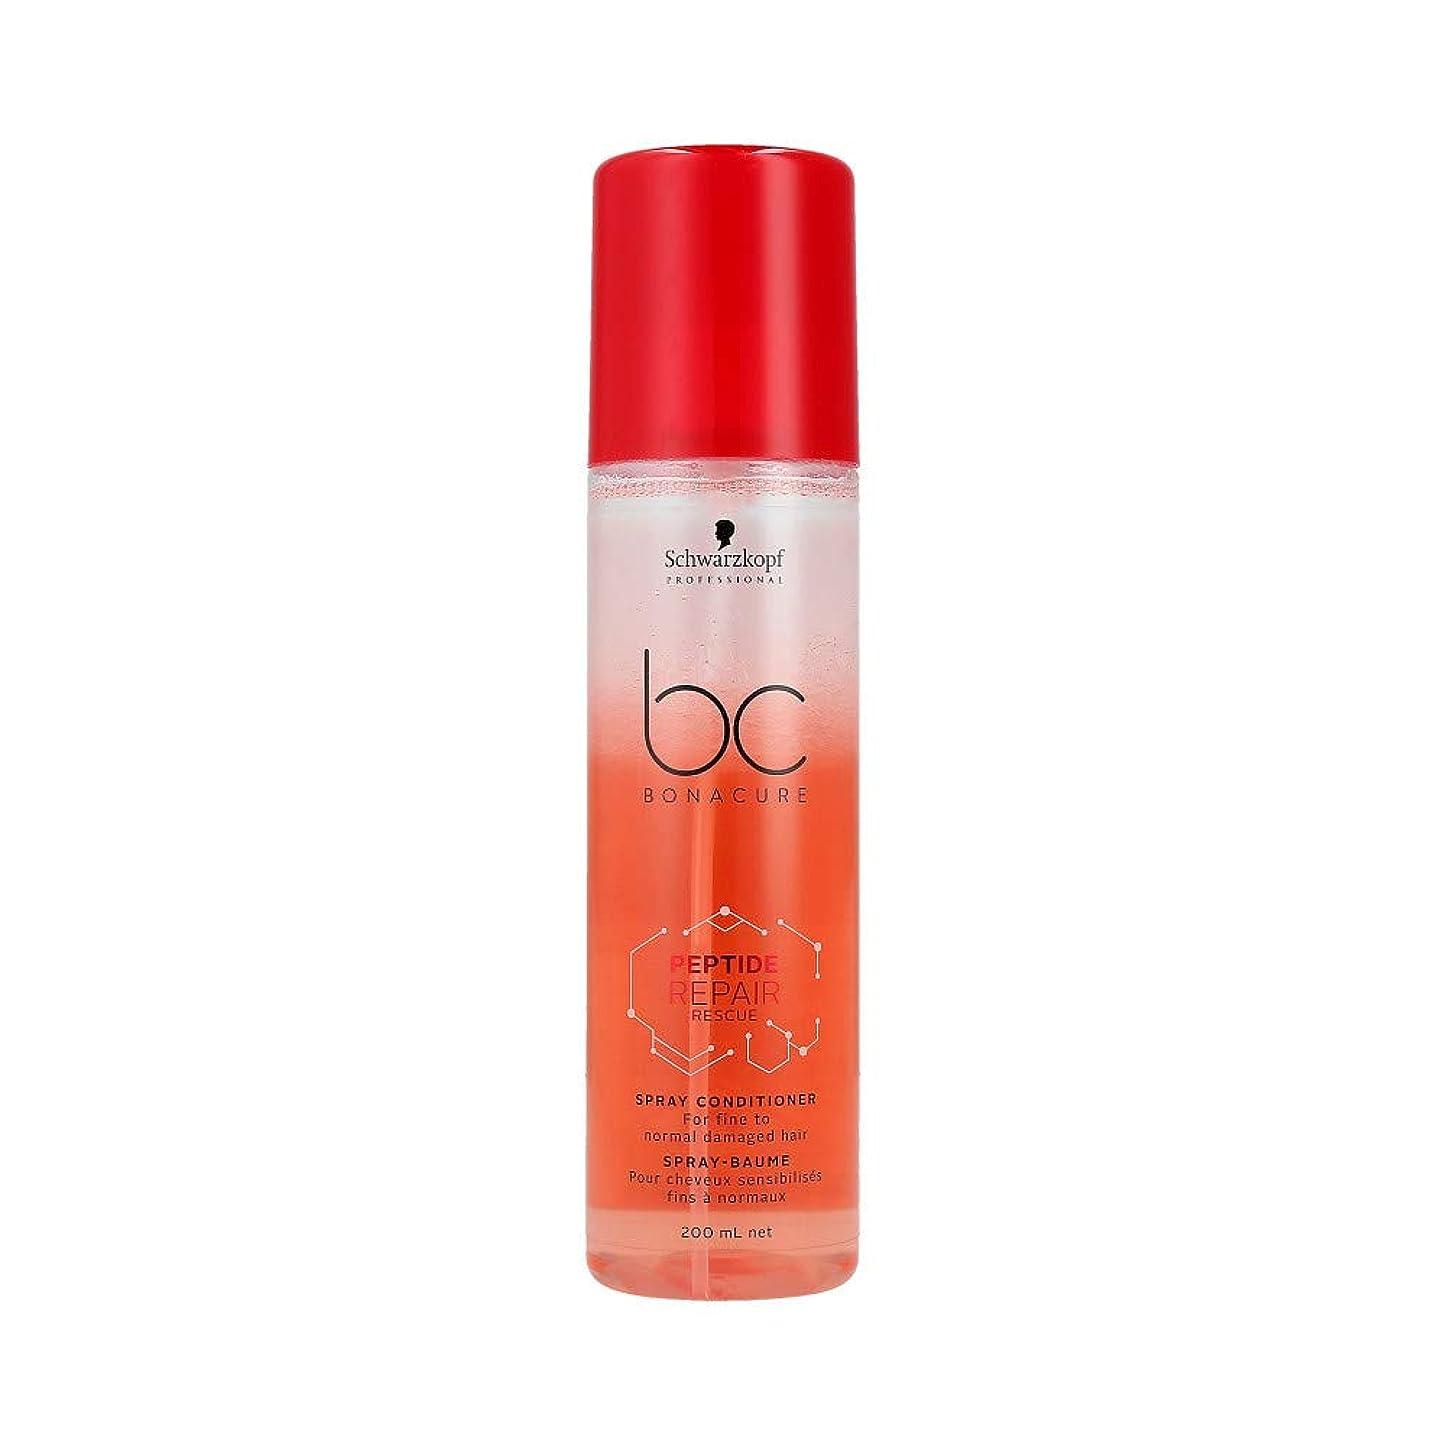 体操選手電話に出る君主シュワルツコフ BC ペプチド リペア レスキュー スプレー コンディショナー Schwarzkopf BC Bonacure Peptide Repair Rescue Spray Conditioner For Fine To Normal Damaged Hair 200 ml [並行輸入品]